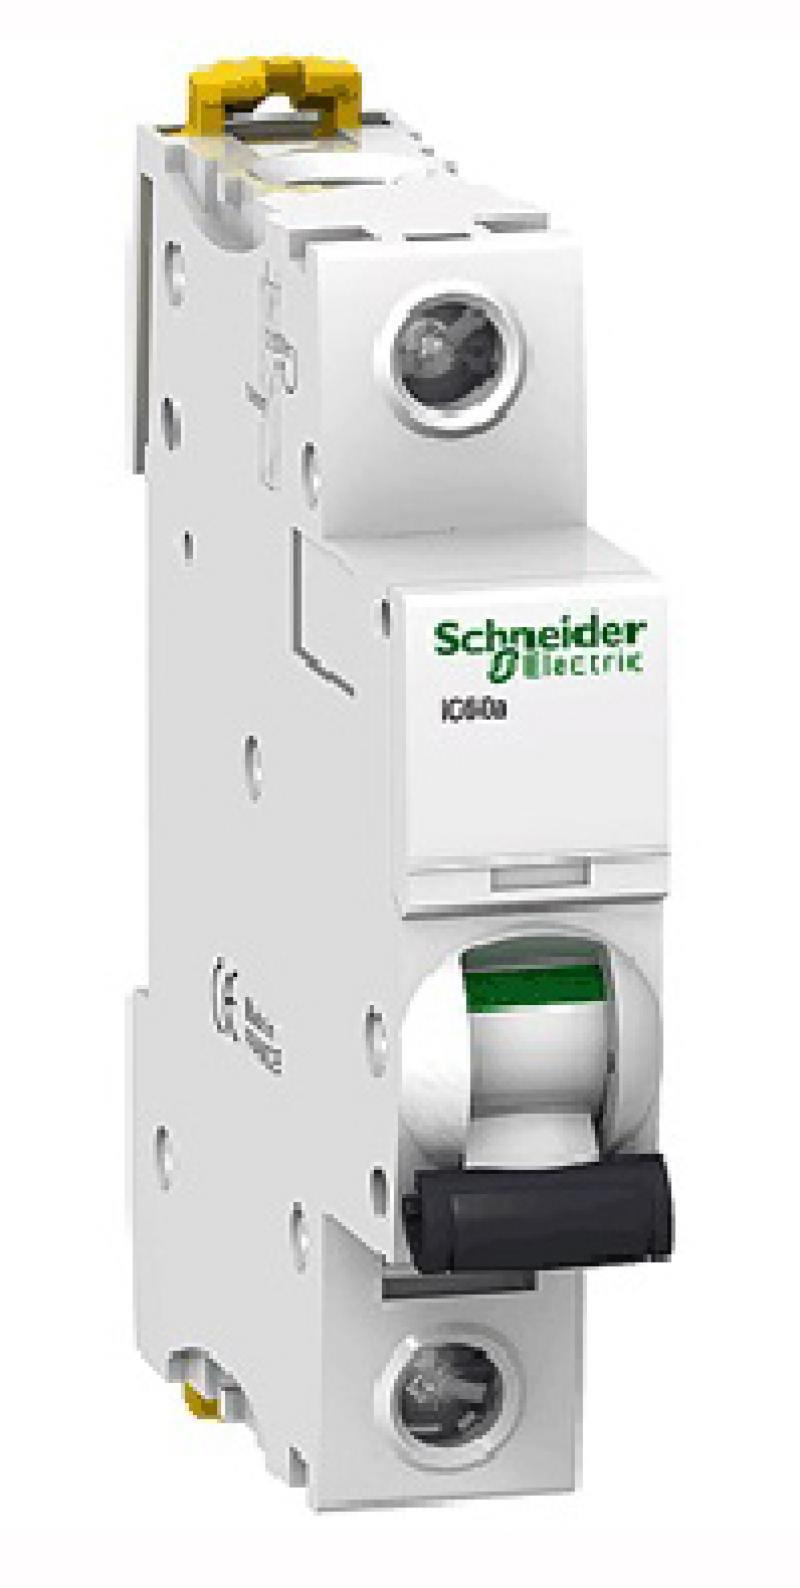 Автоматический выключатель Schneider Electric iC60N 1П 20A C A9F79120 автоматический выключатель schneider electric ic60n 1п 50a c a9f79150